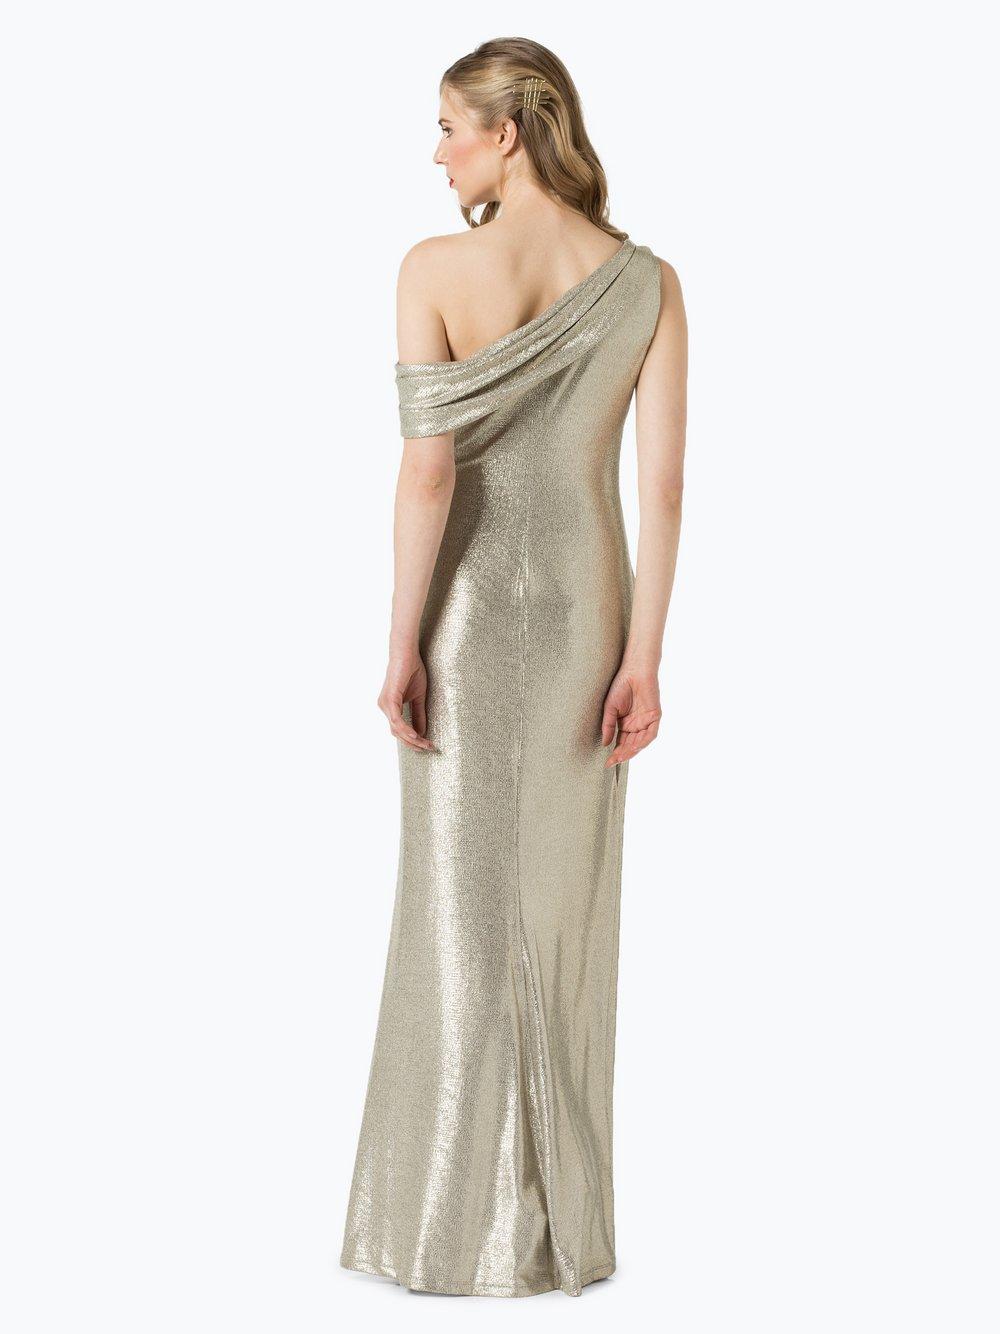 Abendkleid DANNITA - GOLD/METALLIC Ralph Lauren 1EgT5x